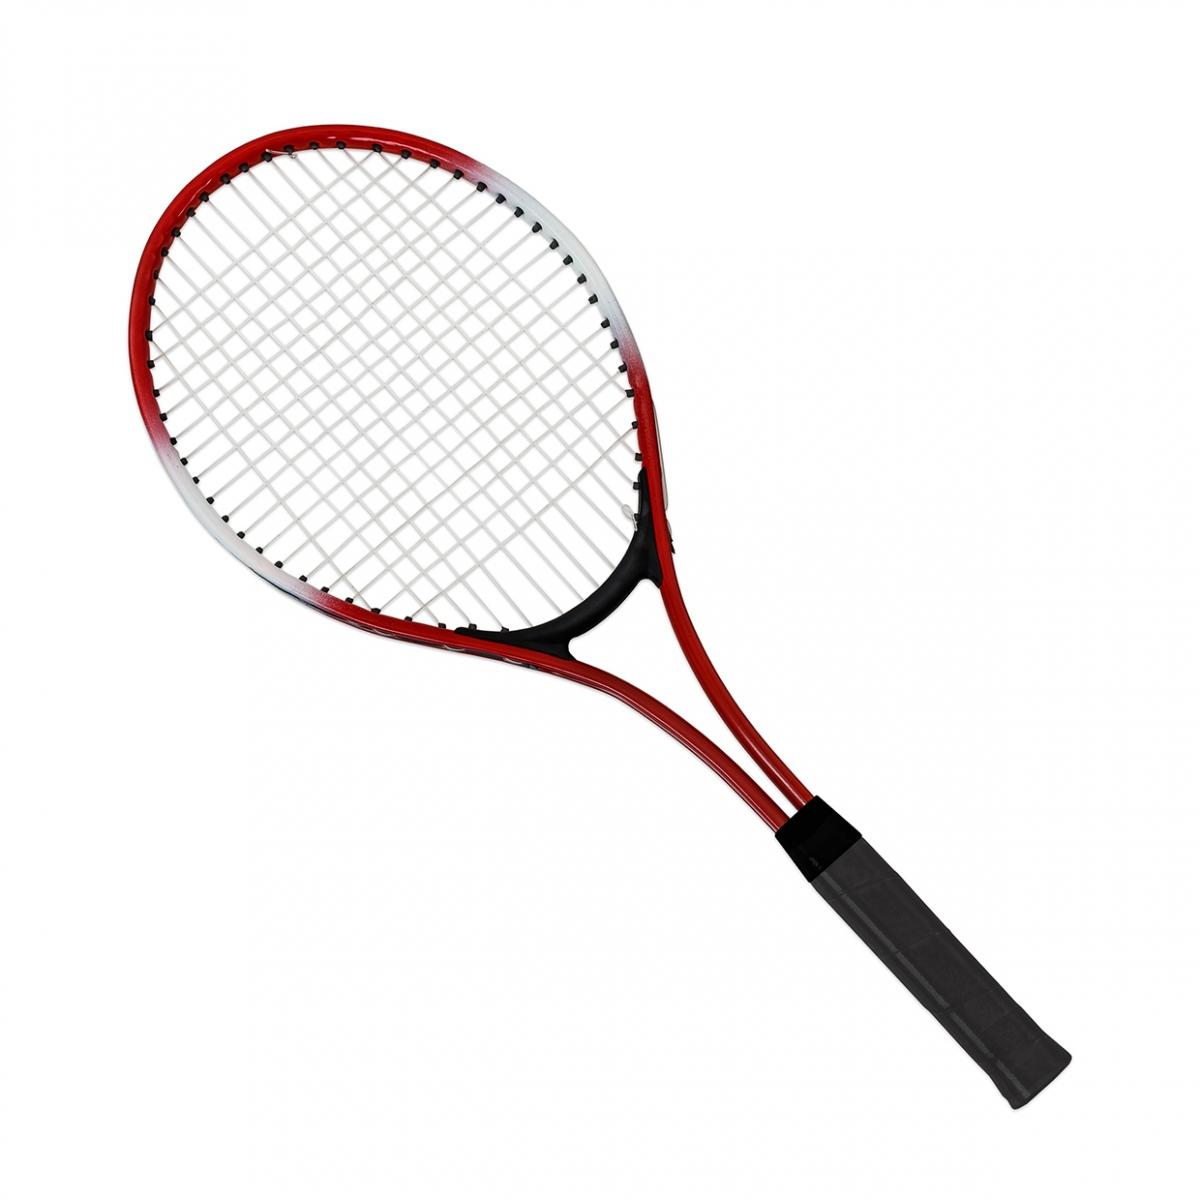 Imagen en la que se ve una raqueta de tenis